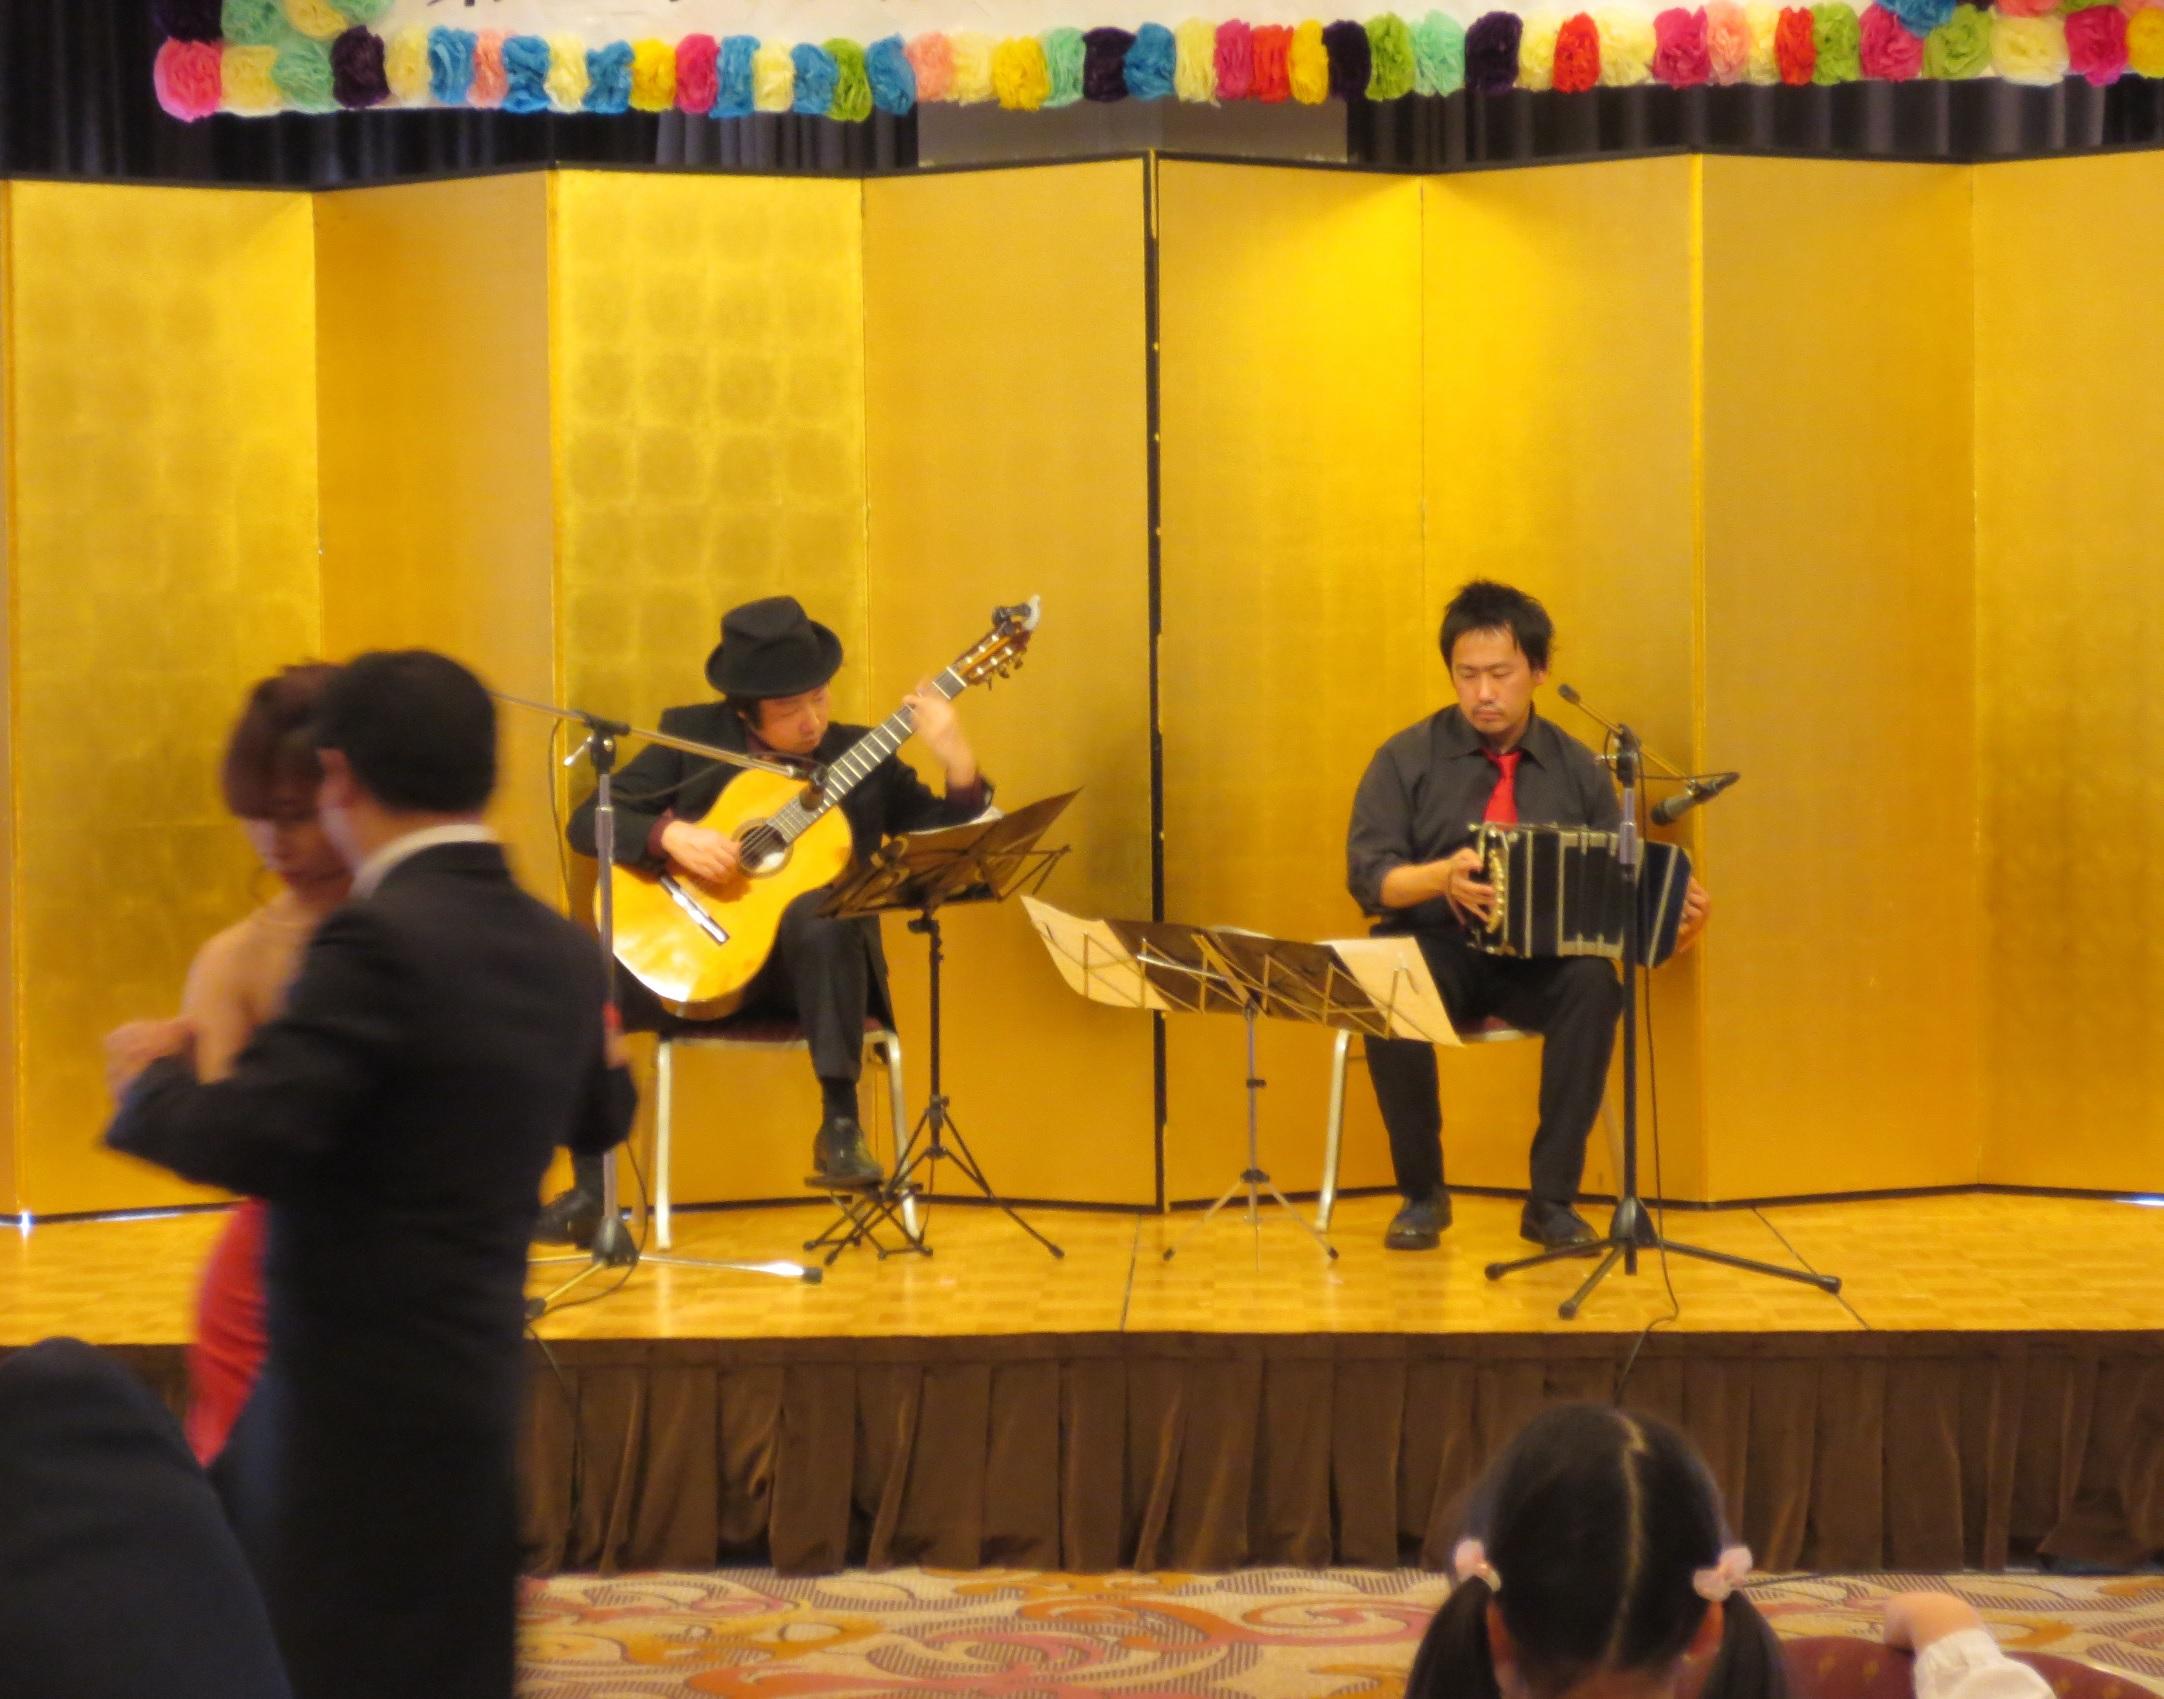 奈良ホテル タンゴ・グレリオ バンドネオン・星野俊路 ギター・米阪隆広